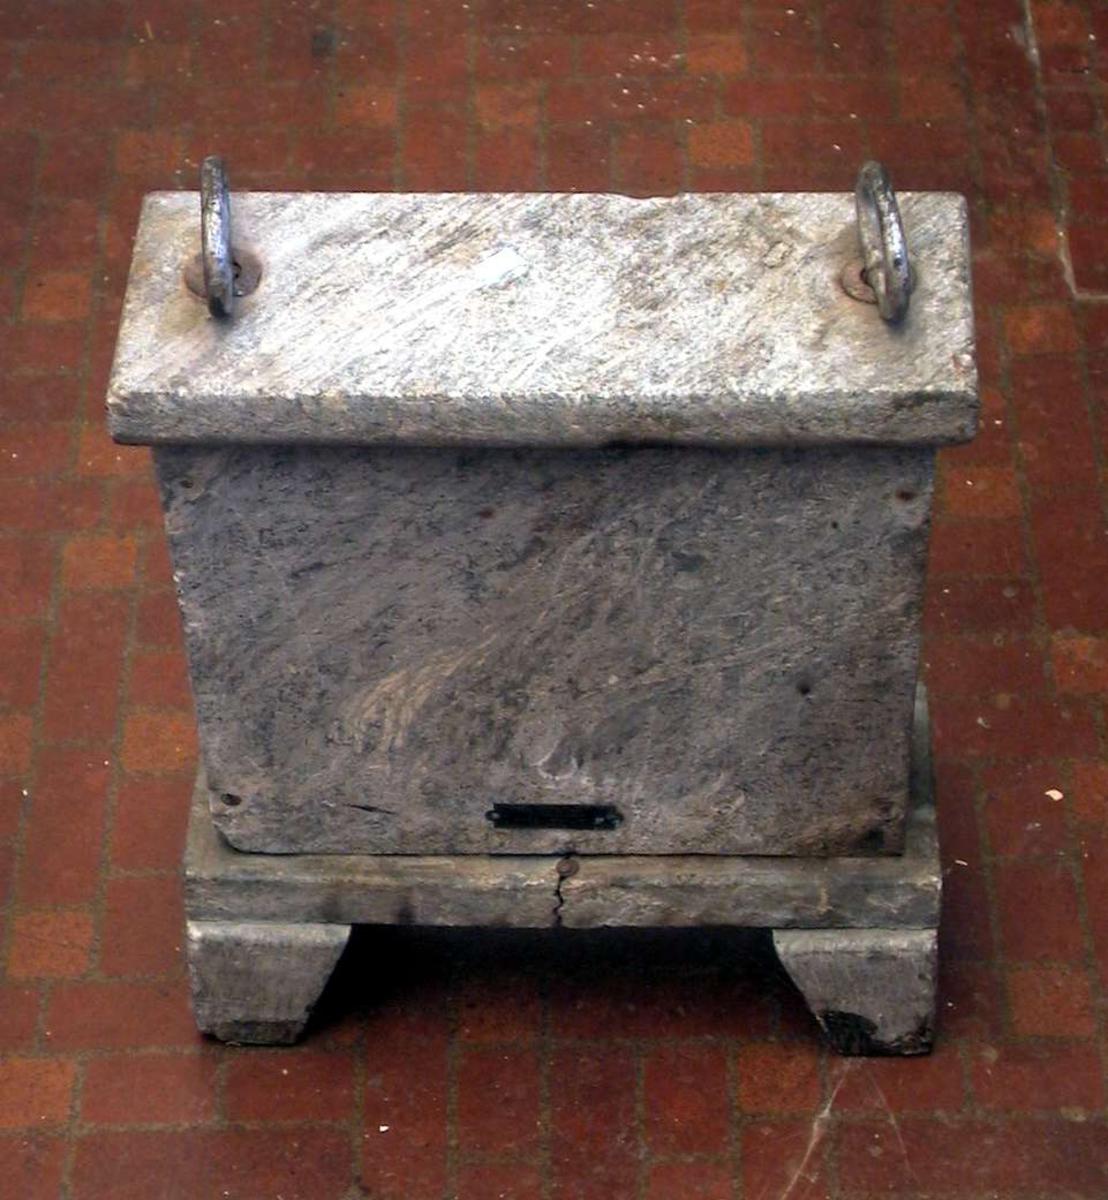 Elektrisk tilleggsovn i kleber. Det er sprekk i godset og det elektriske er ødelagt. På toppen har ovnen to hanker av jern.